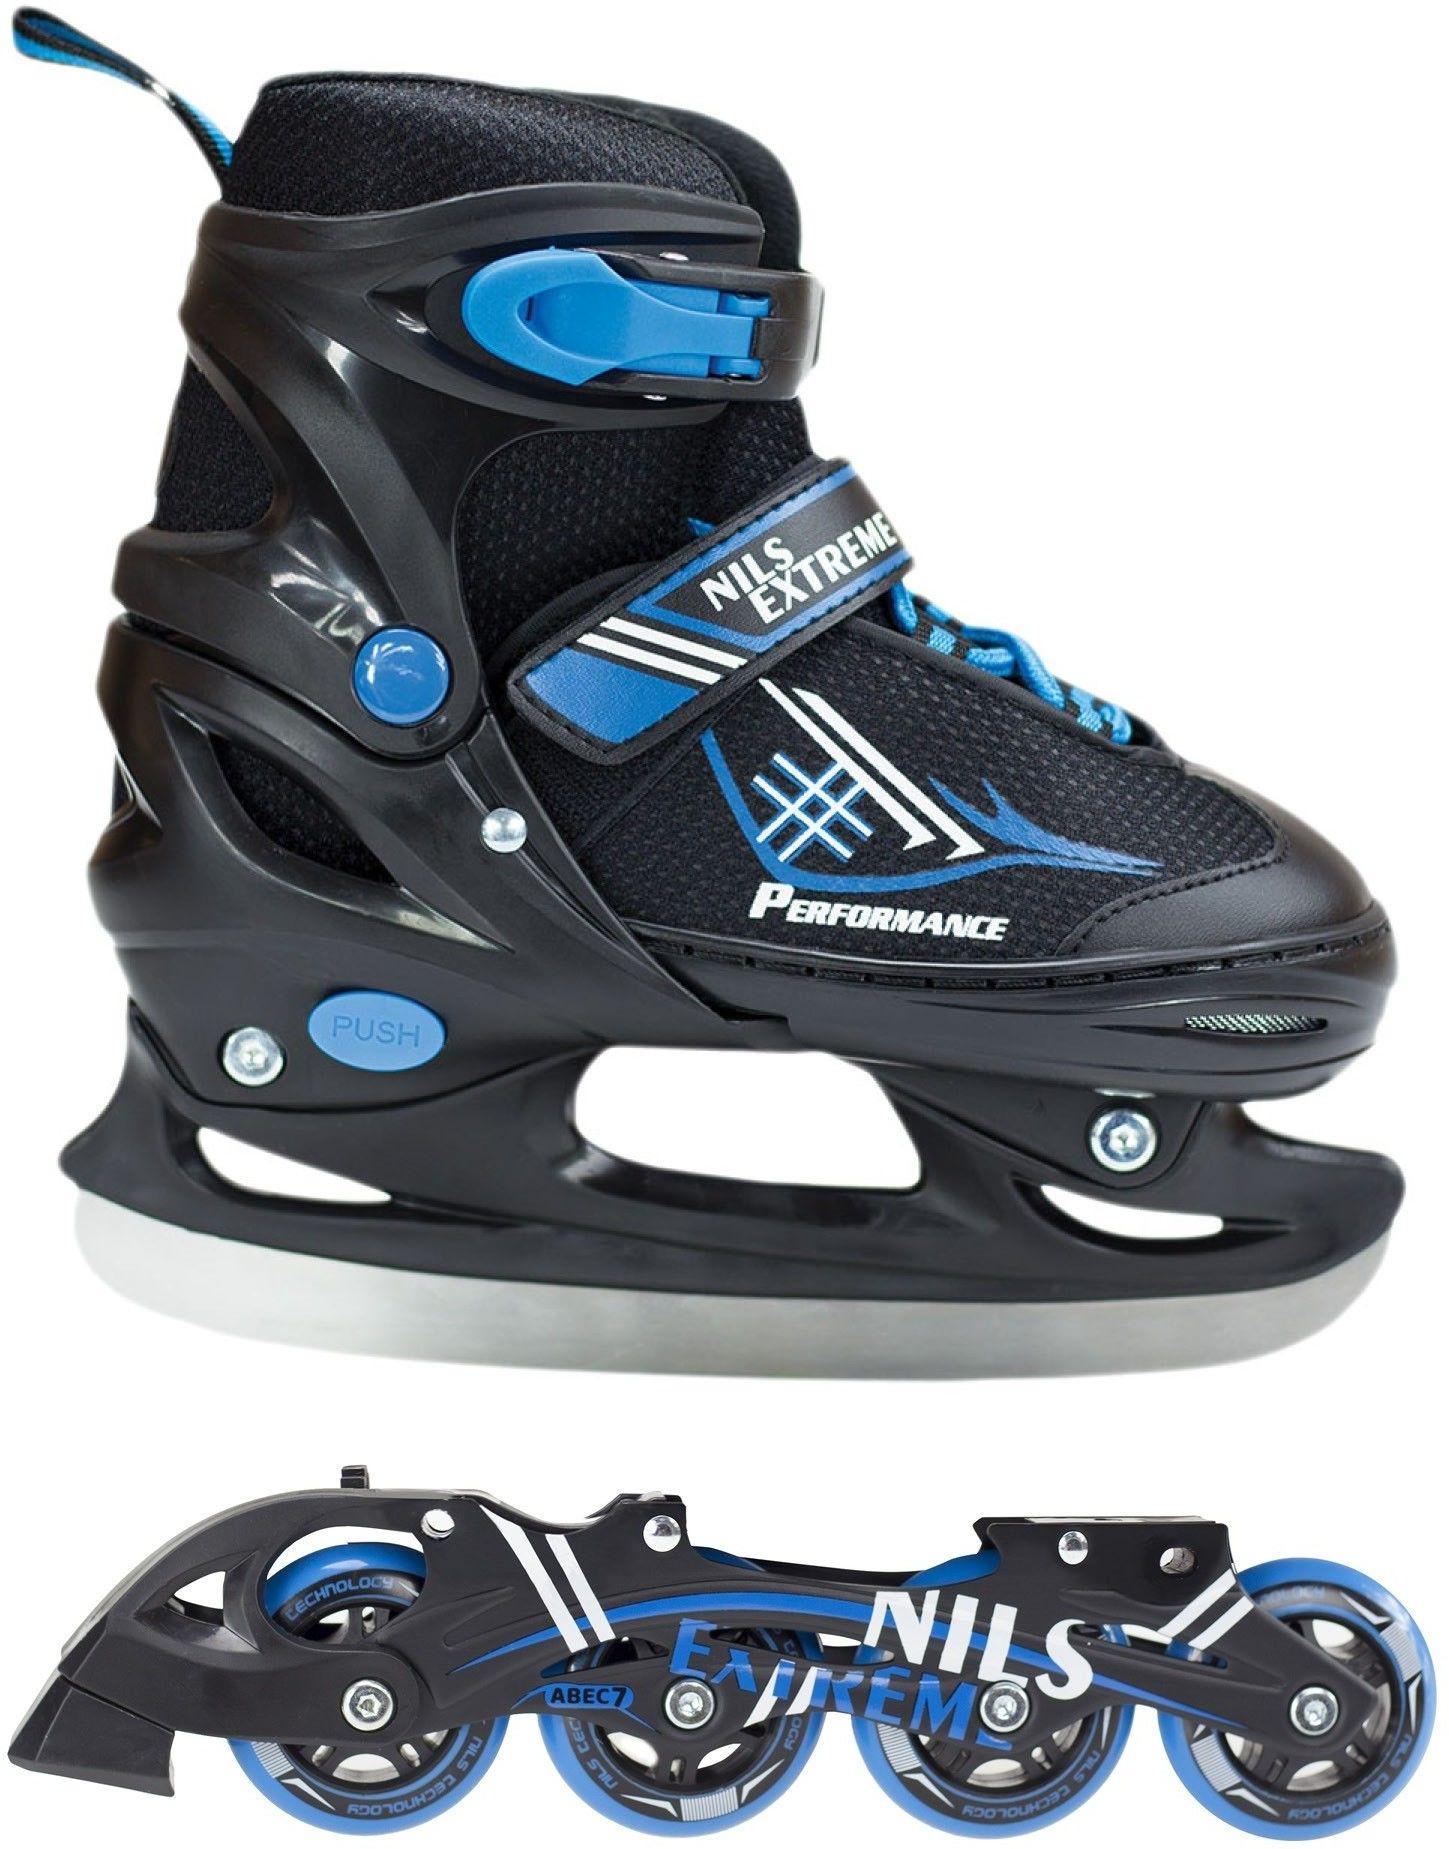 Łyżworolki Nils Extreme NH7104 A 2w1 łyżwy, rolki czarno-niebieskie Rozmiar buta: 30-33